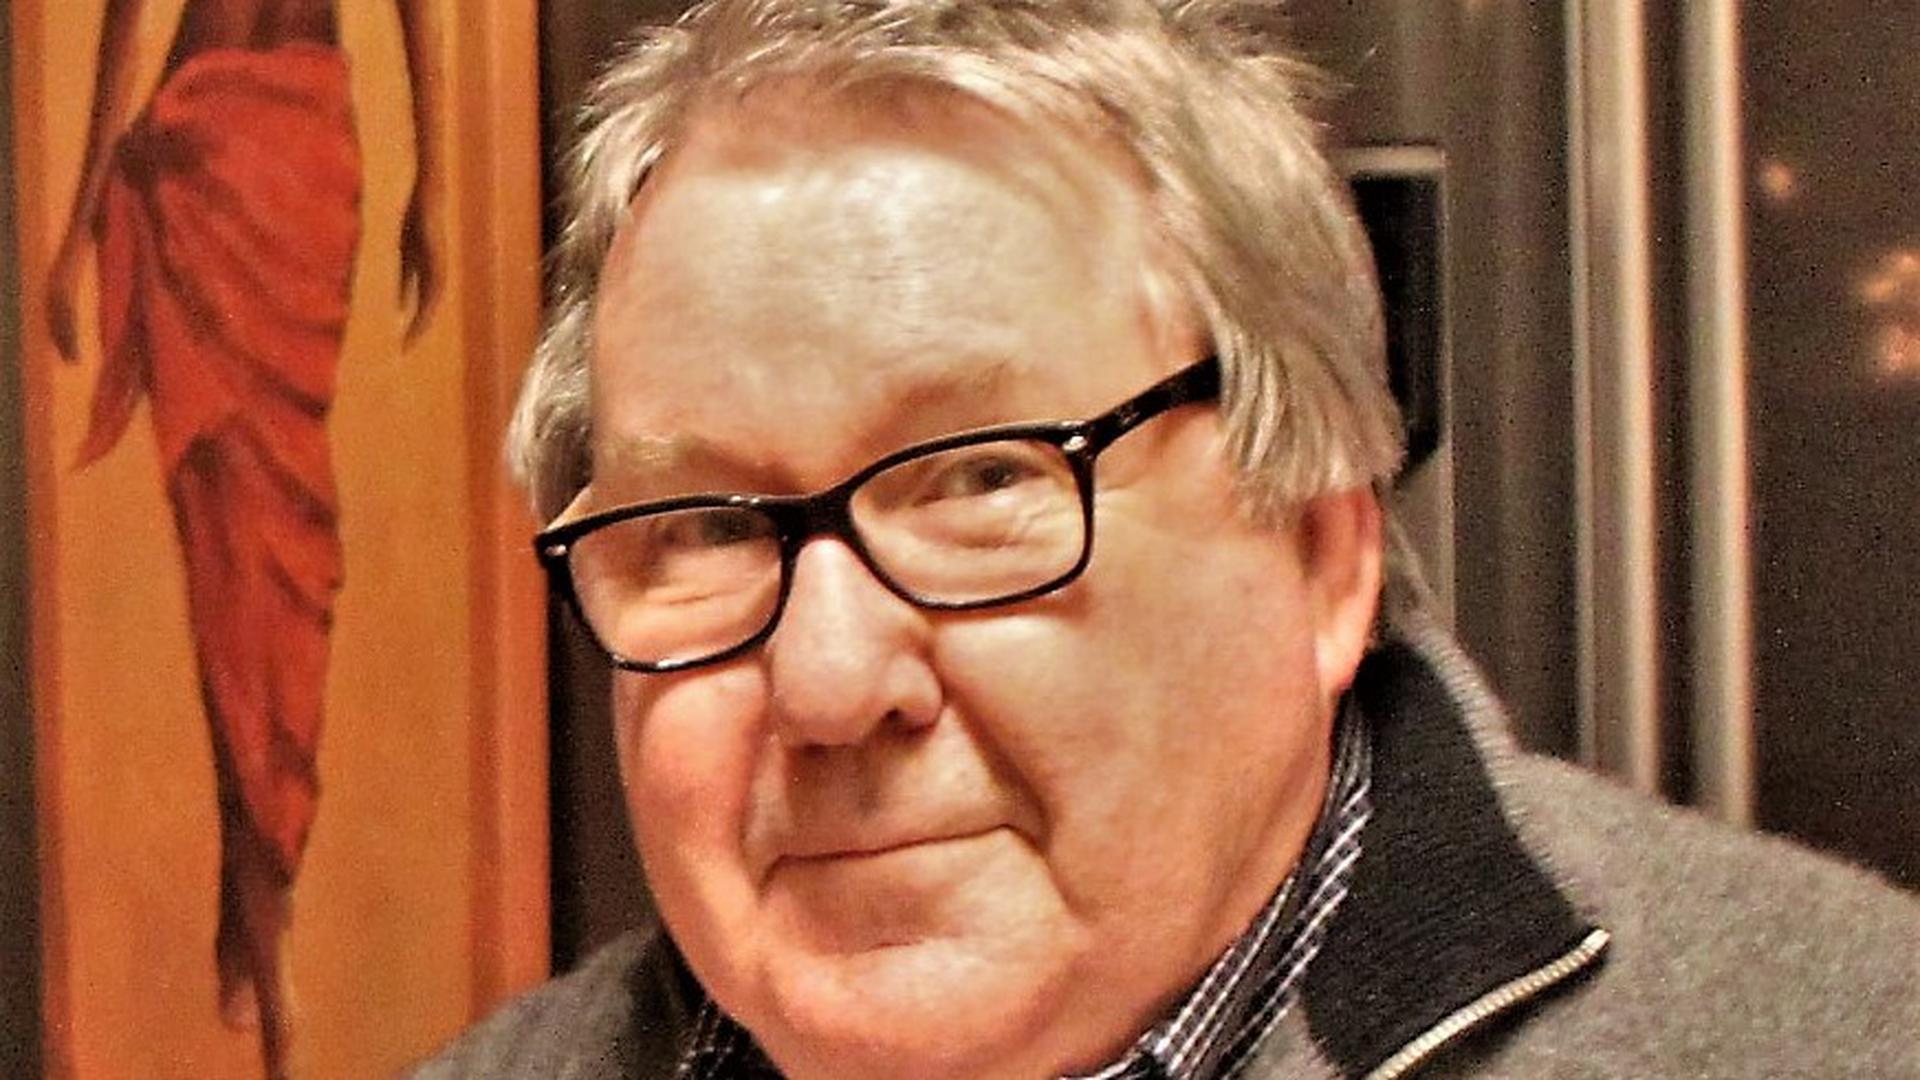 Der frühere Remchinger Gemeinderat und Vorsitzende des Bürgervereins für Demokratie und Bürgerbeteiligung Lothar Wolf ist im Alter von 71 Jahren verstorben.